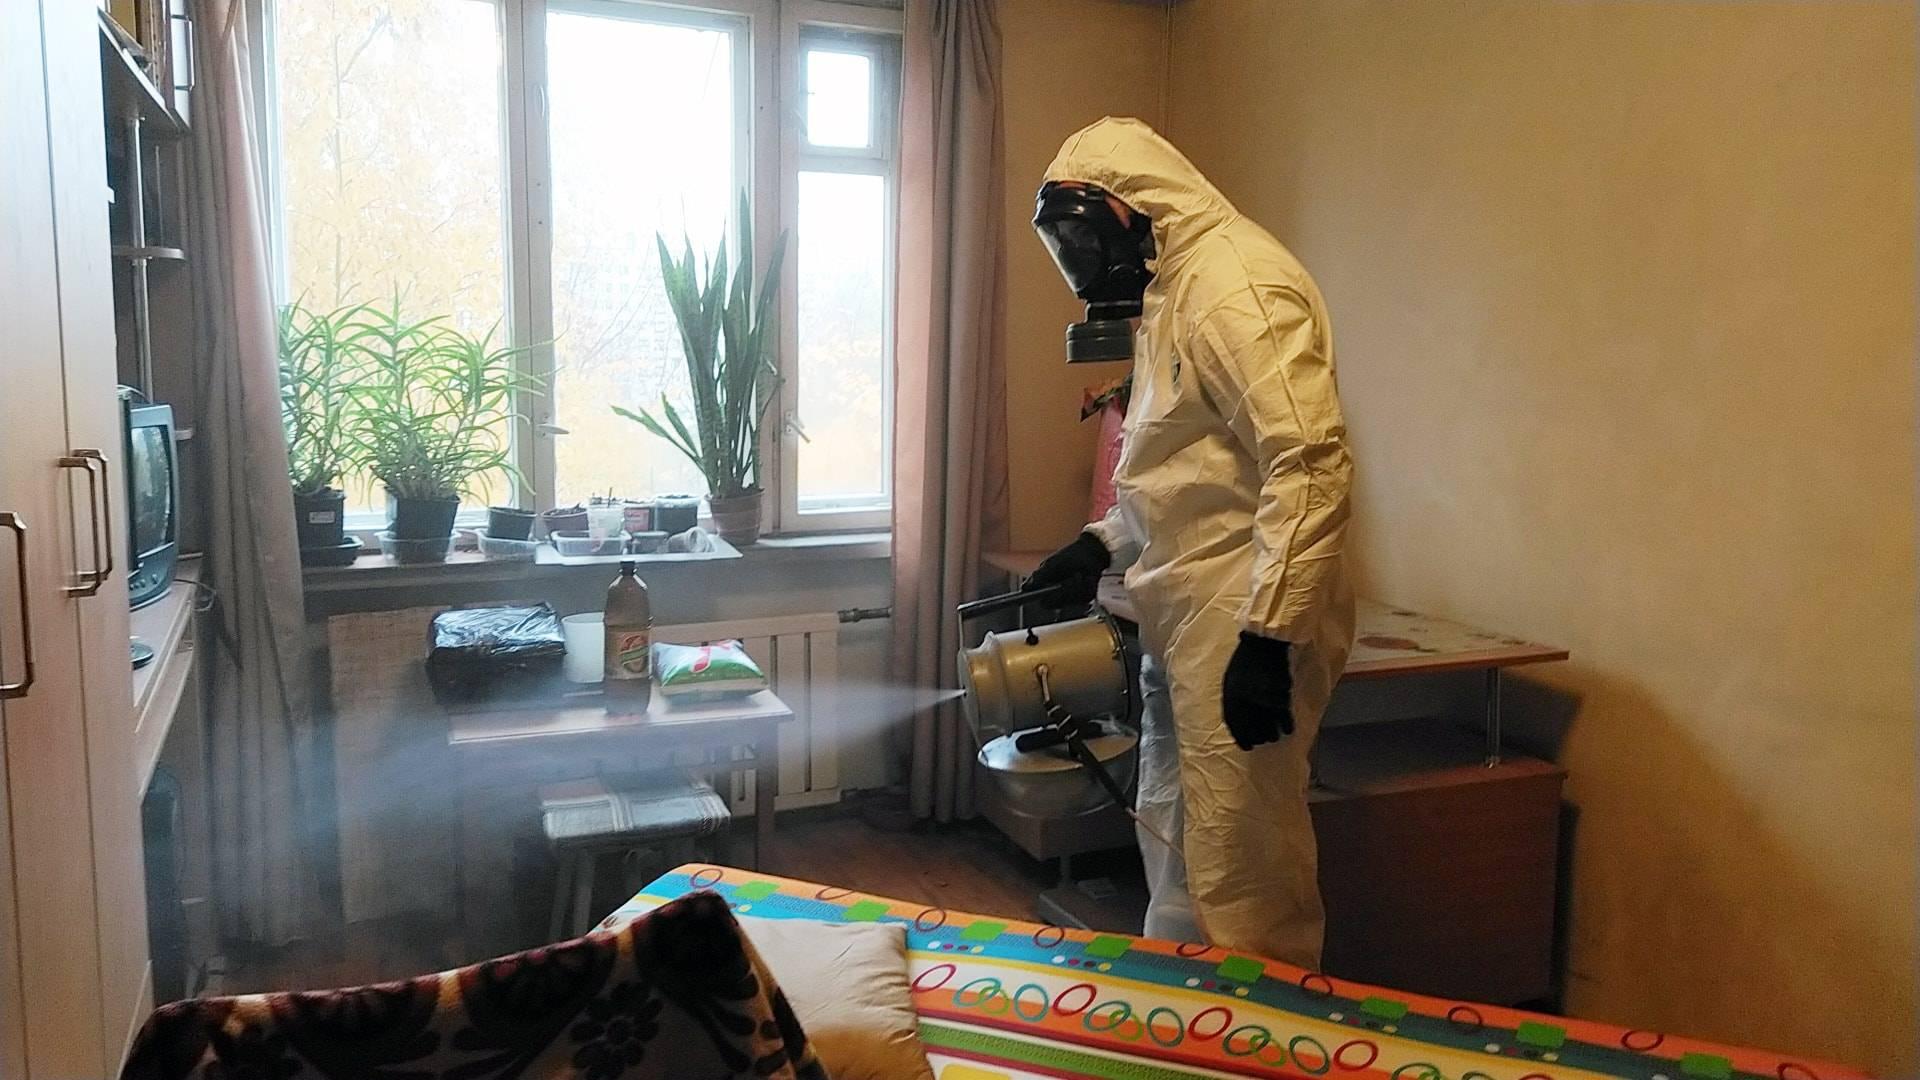 Как избавиться от блох дома и в квартире раз и навсегда? 100% методика